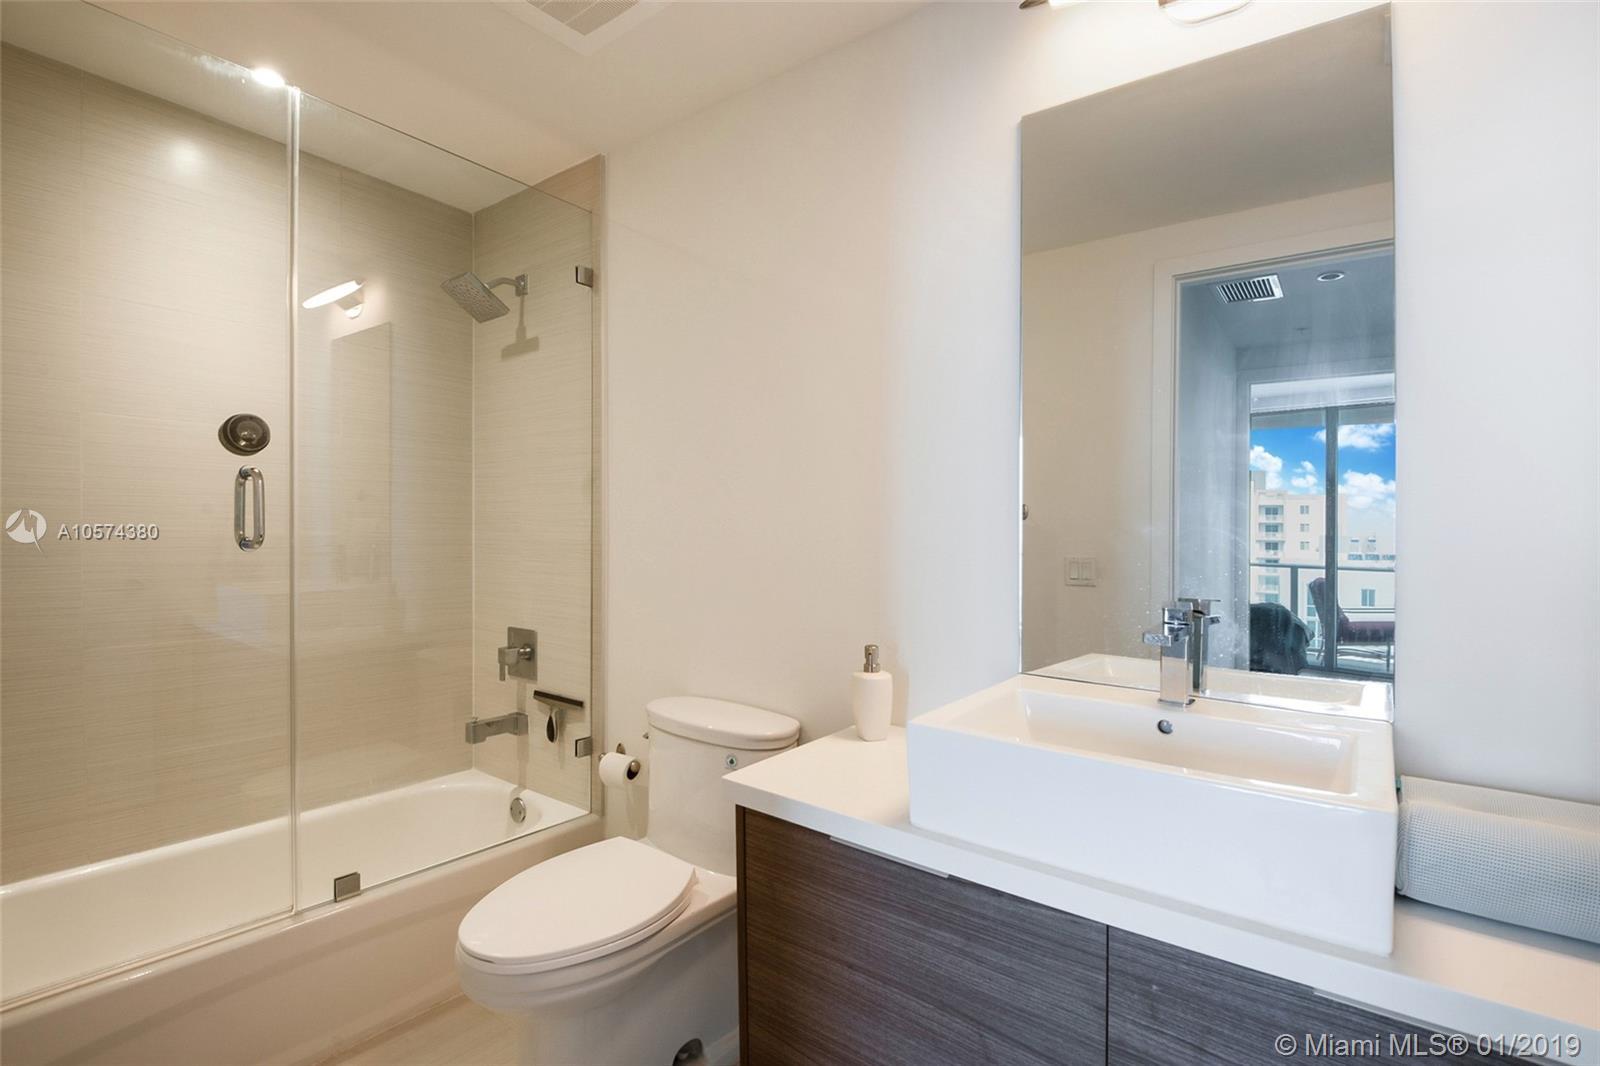 1010 SW 2nd Avenue, Miami, FL 33130, Brickell Ten #1207, Brickell, Miami A10574380 image #6